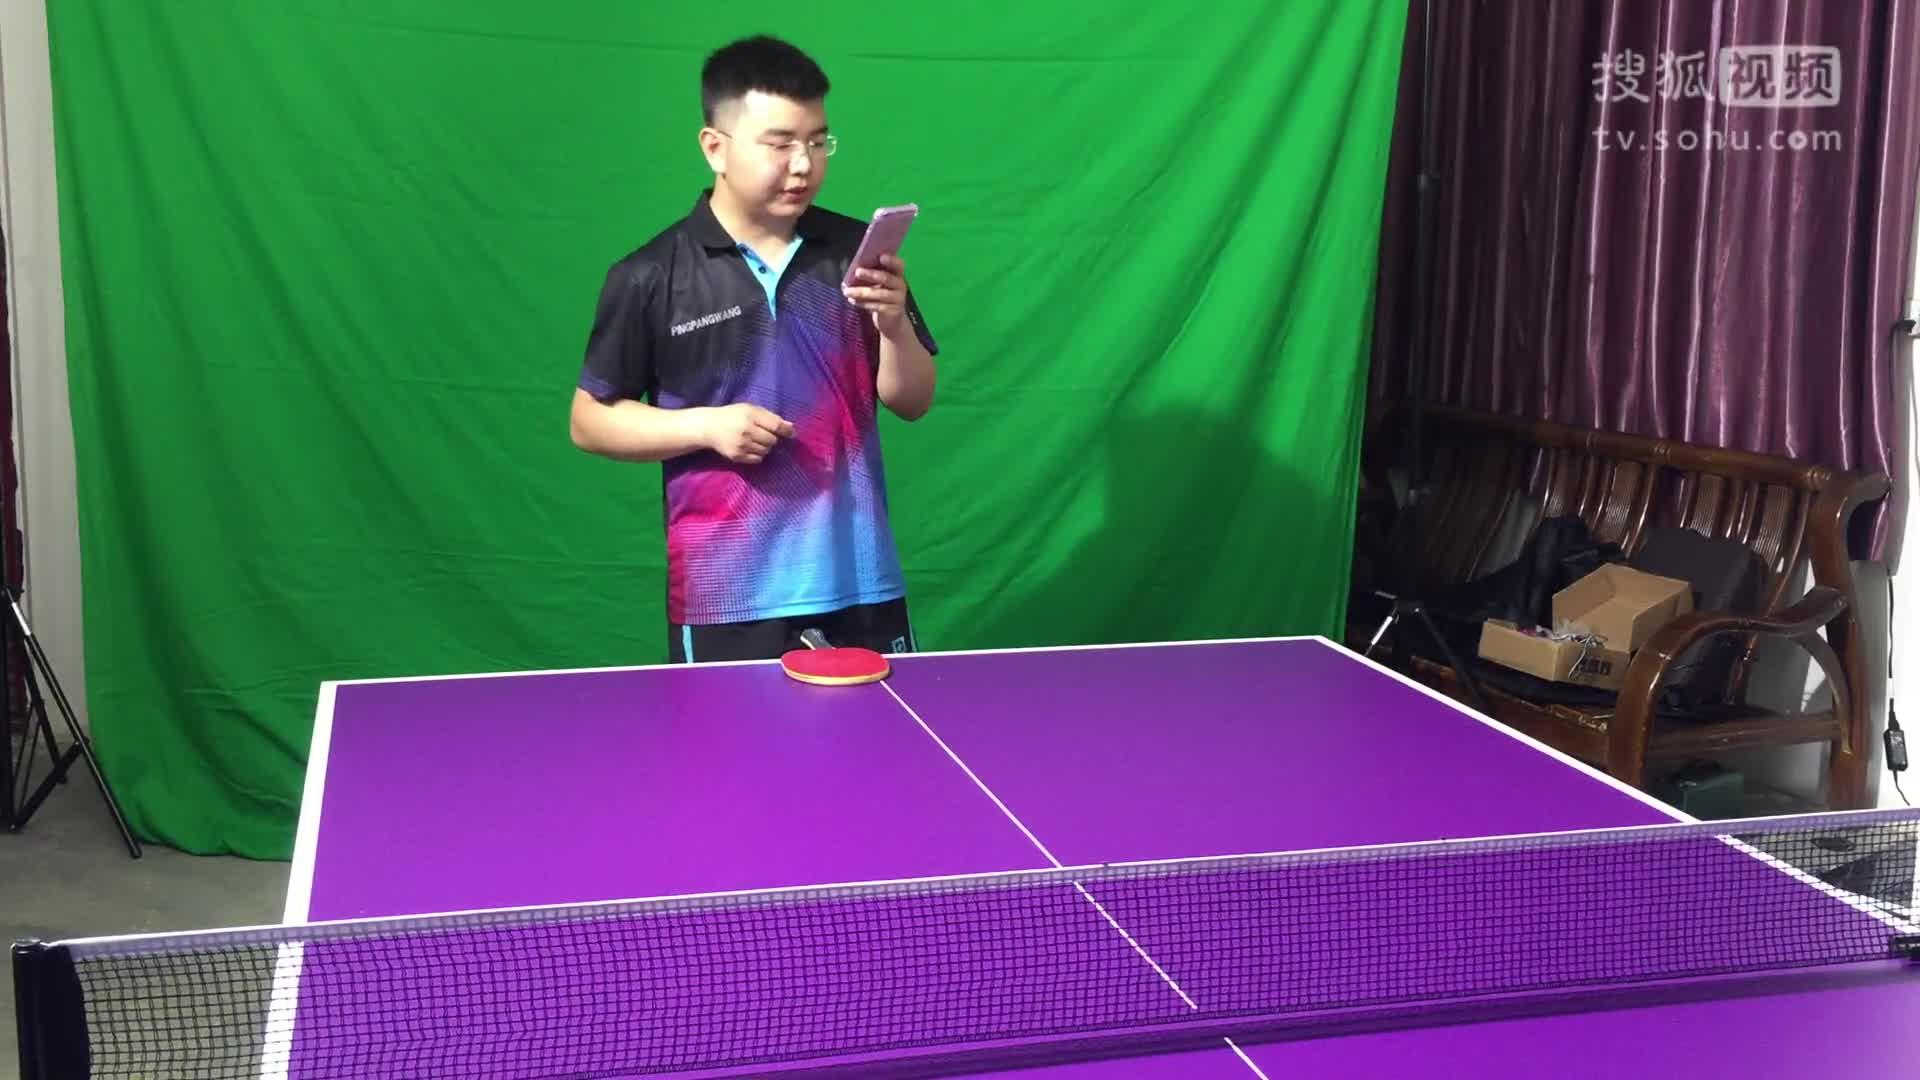 《乒乓网私人教练》侧身爆冲后无法还原进行衔接怎么办_乒乓球教学视频